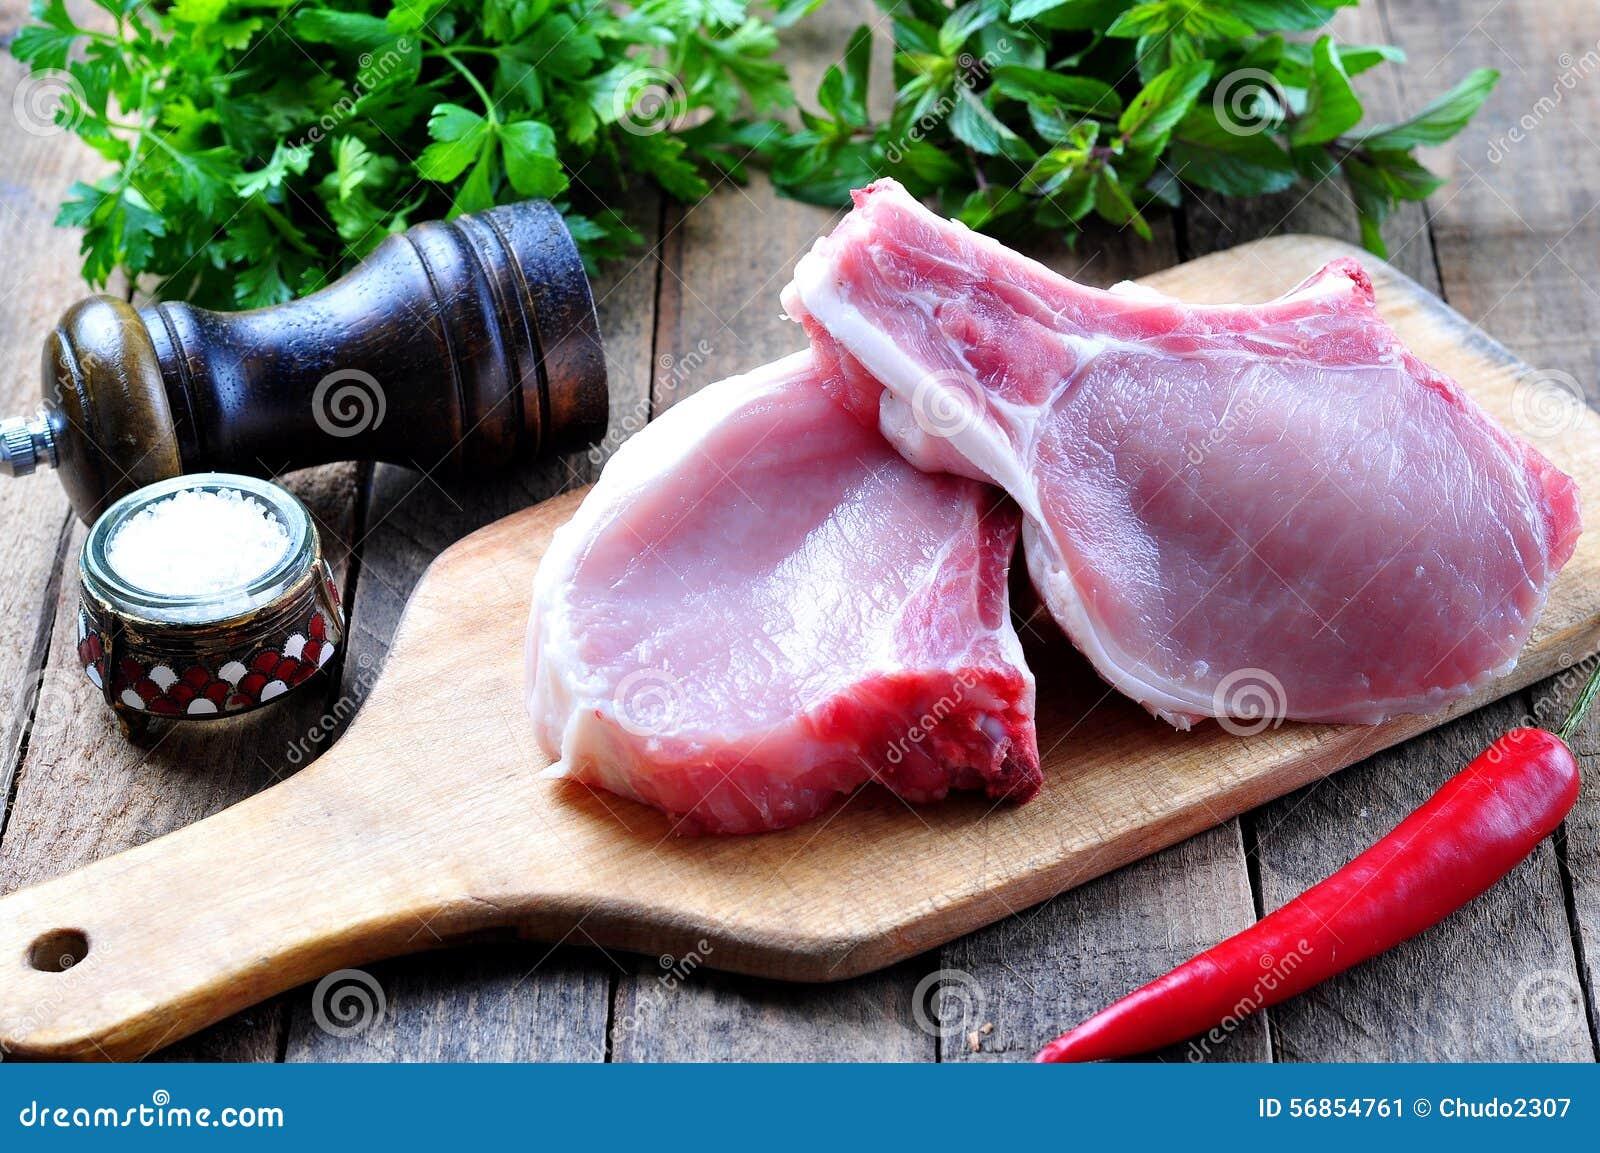 Costeleta de carne de porco crua no osso com salsa, hortelã, pimenta e sal do mar